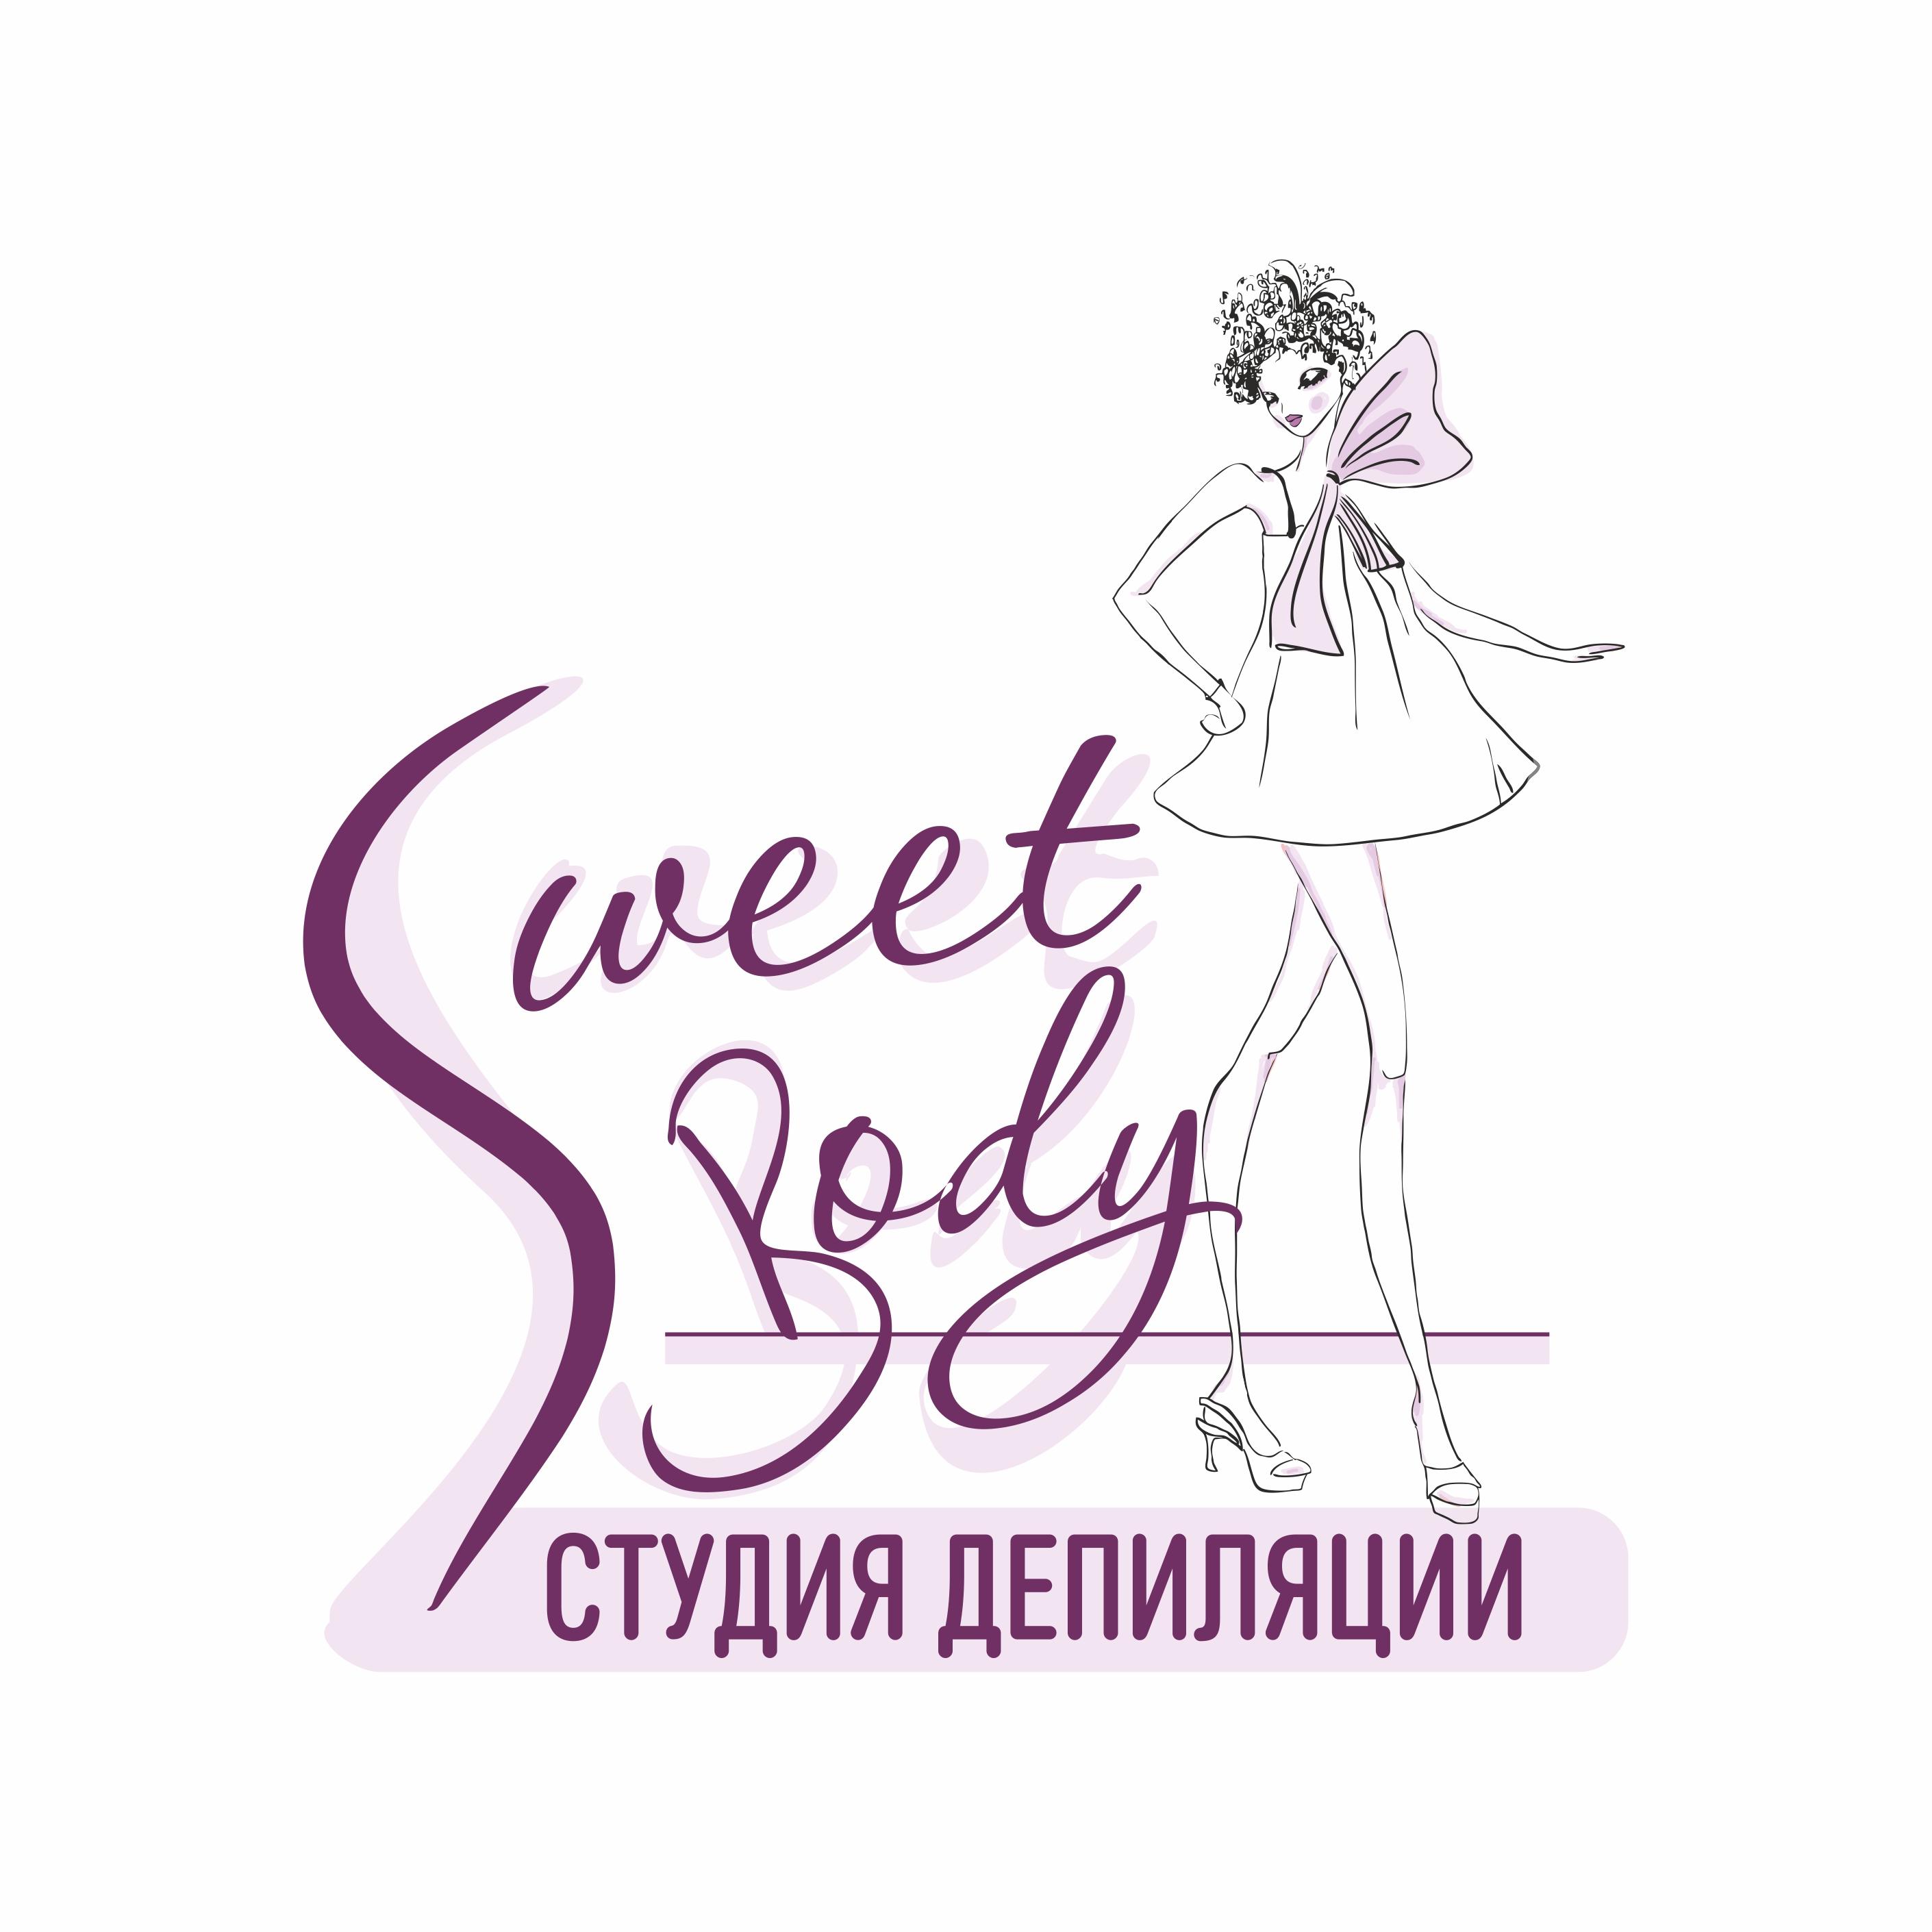 Лого SweetBody